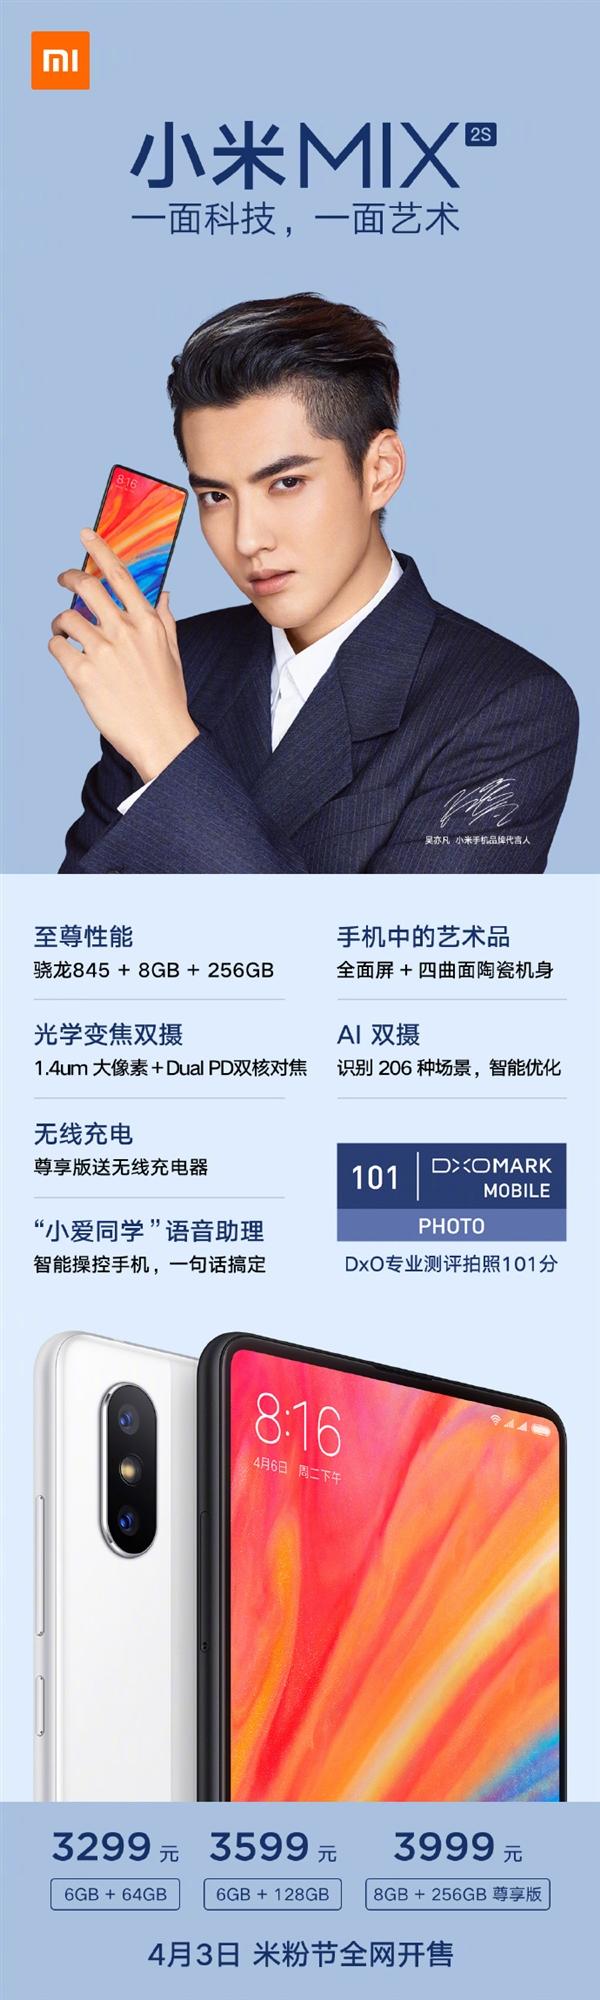 """3299元!小米MIX 2S正式发布:拍照升级 完美""""水桶机"""""""